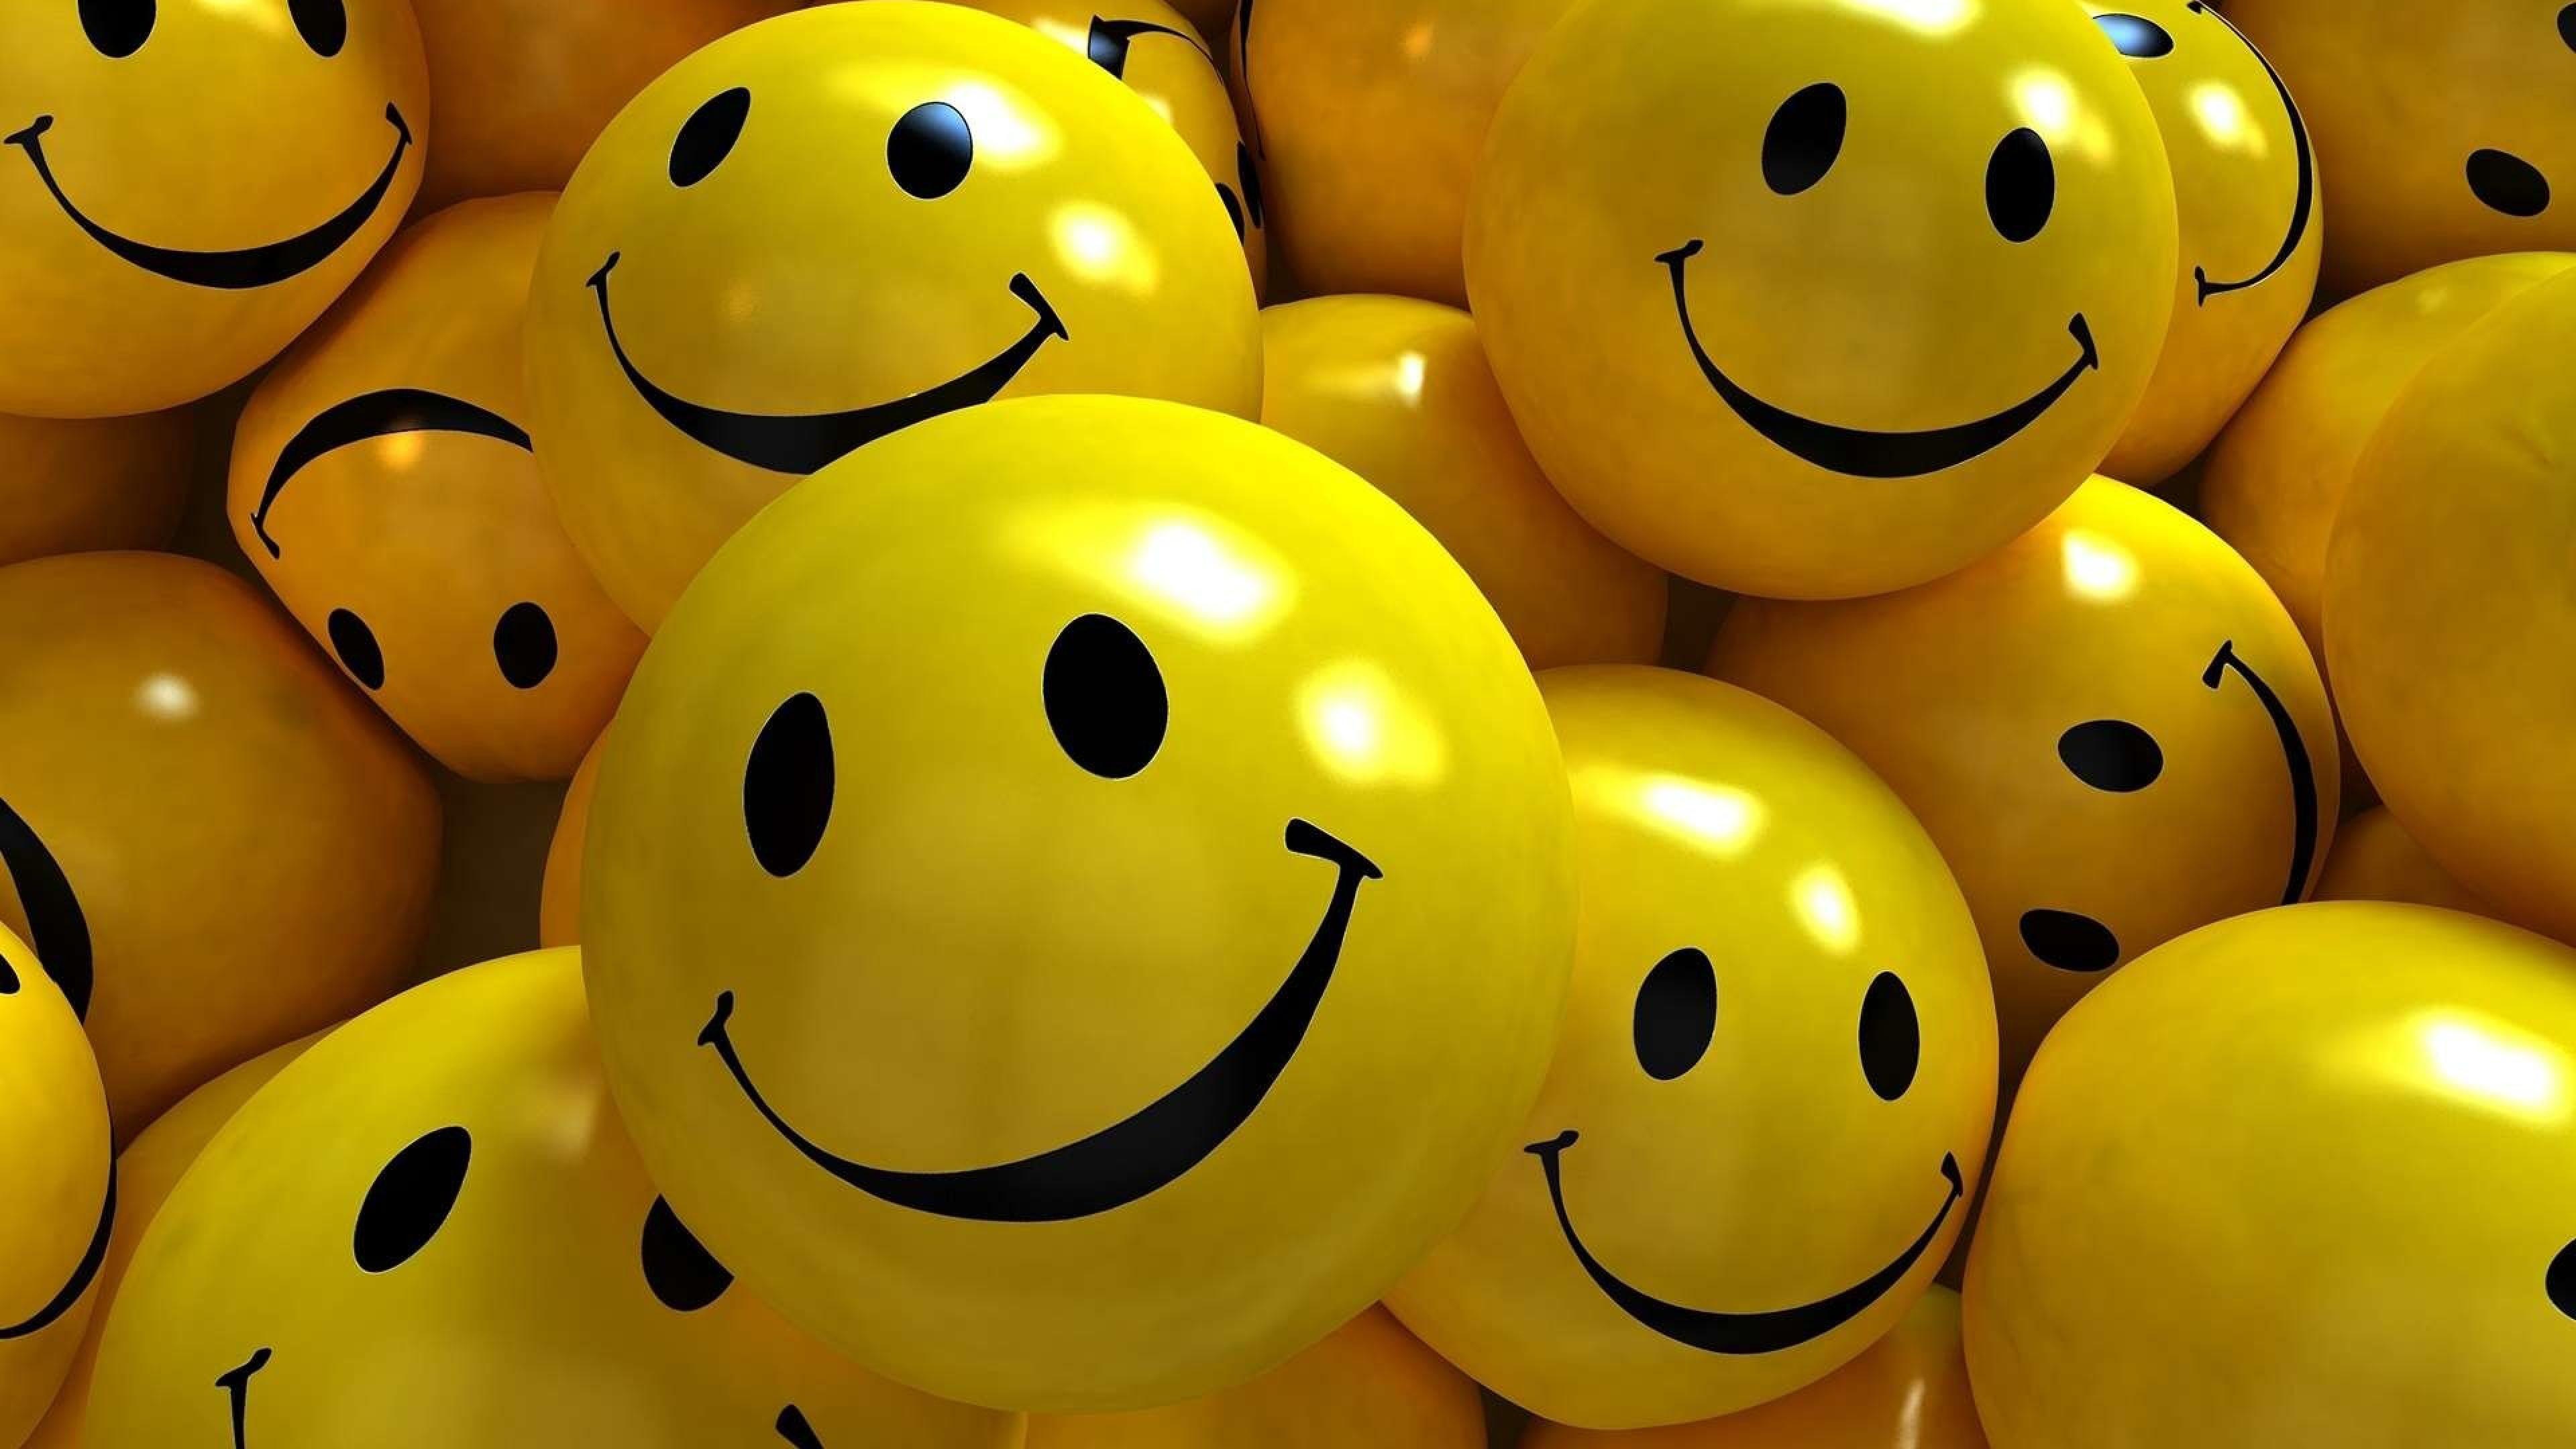 Сегодня отмечают Всемирный день улыбки